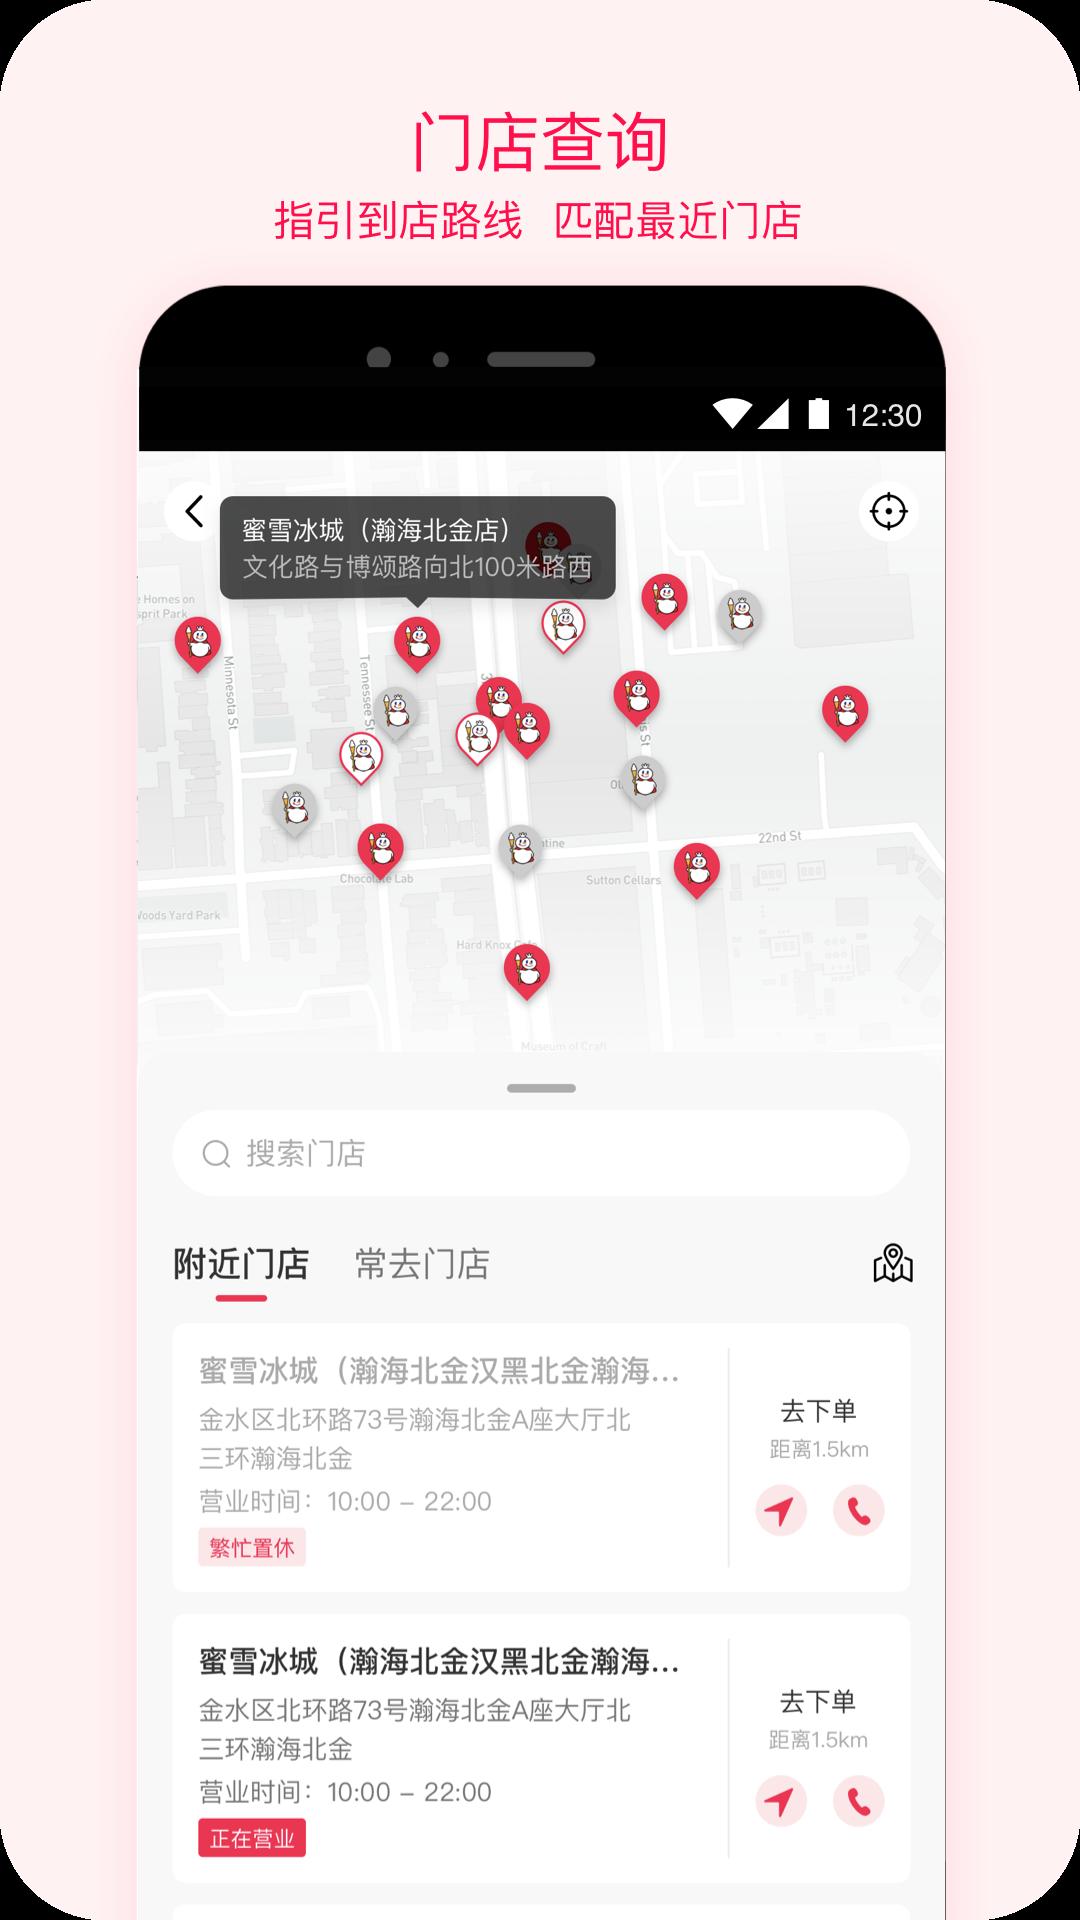 蜜雪冰城App-蜜雪冰城下载-蜜雪冰城安卓版/苹果版/电脑版安装-飞翔软件库